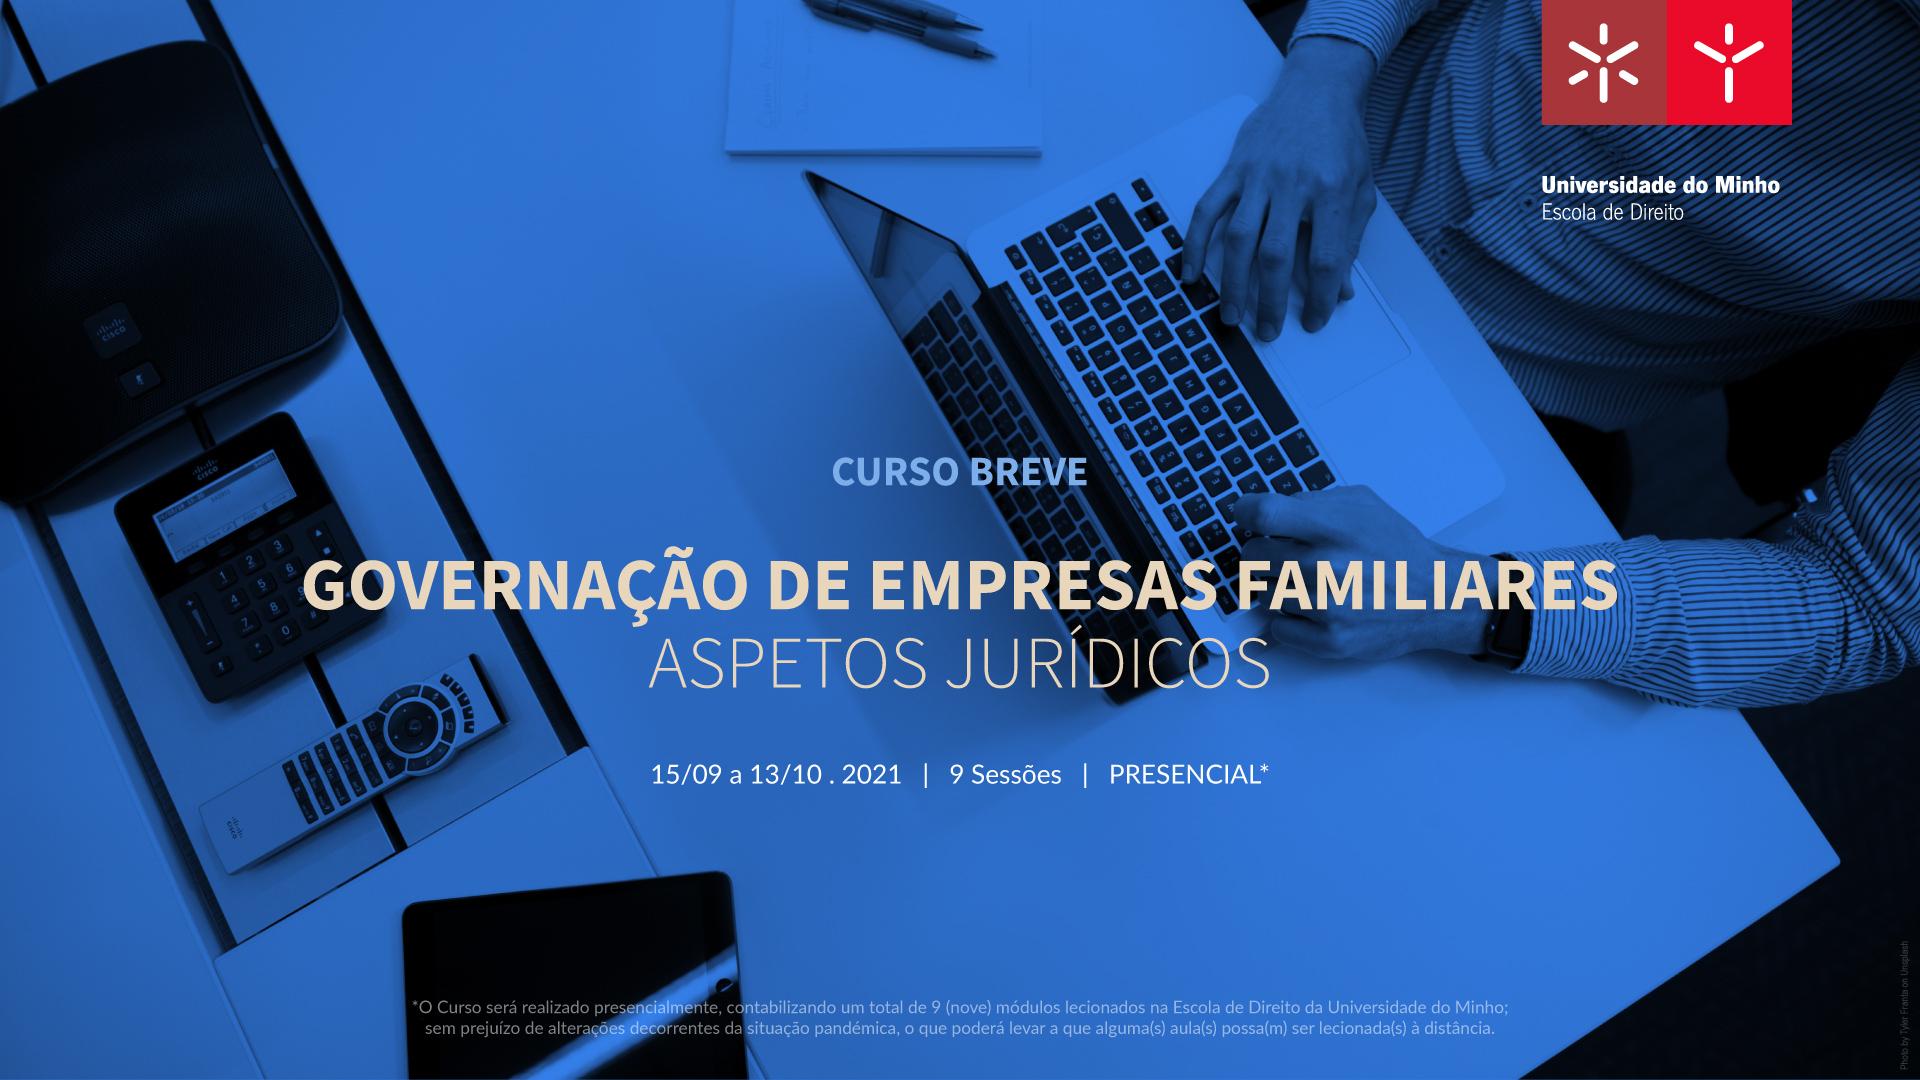 Curso Breve em Governação de Empresas Familiares